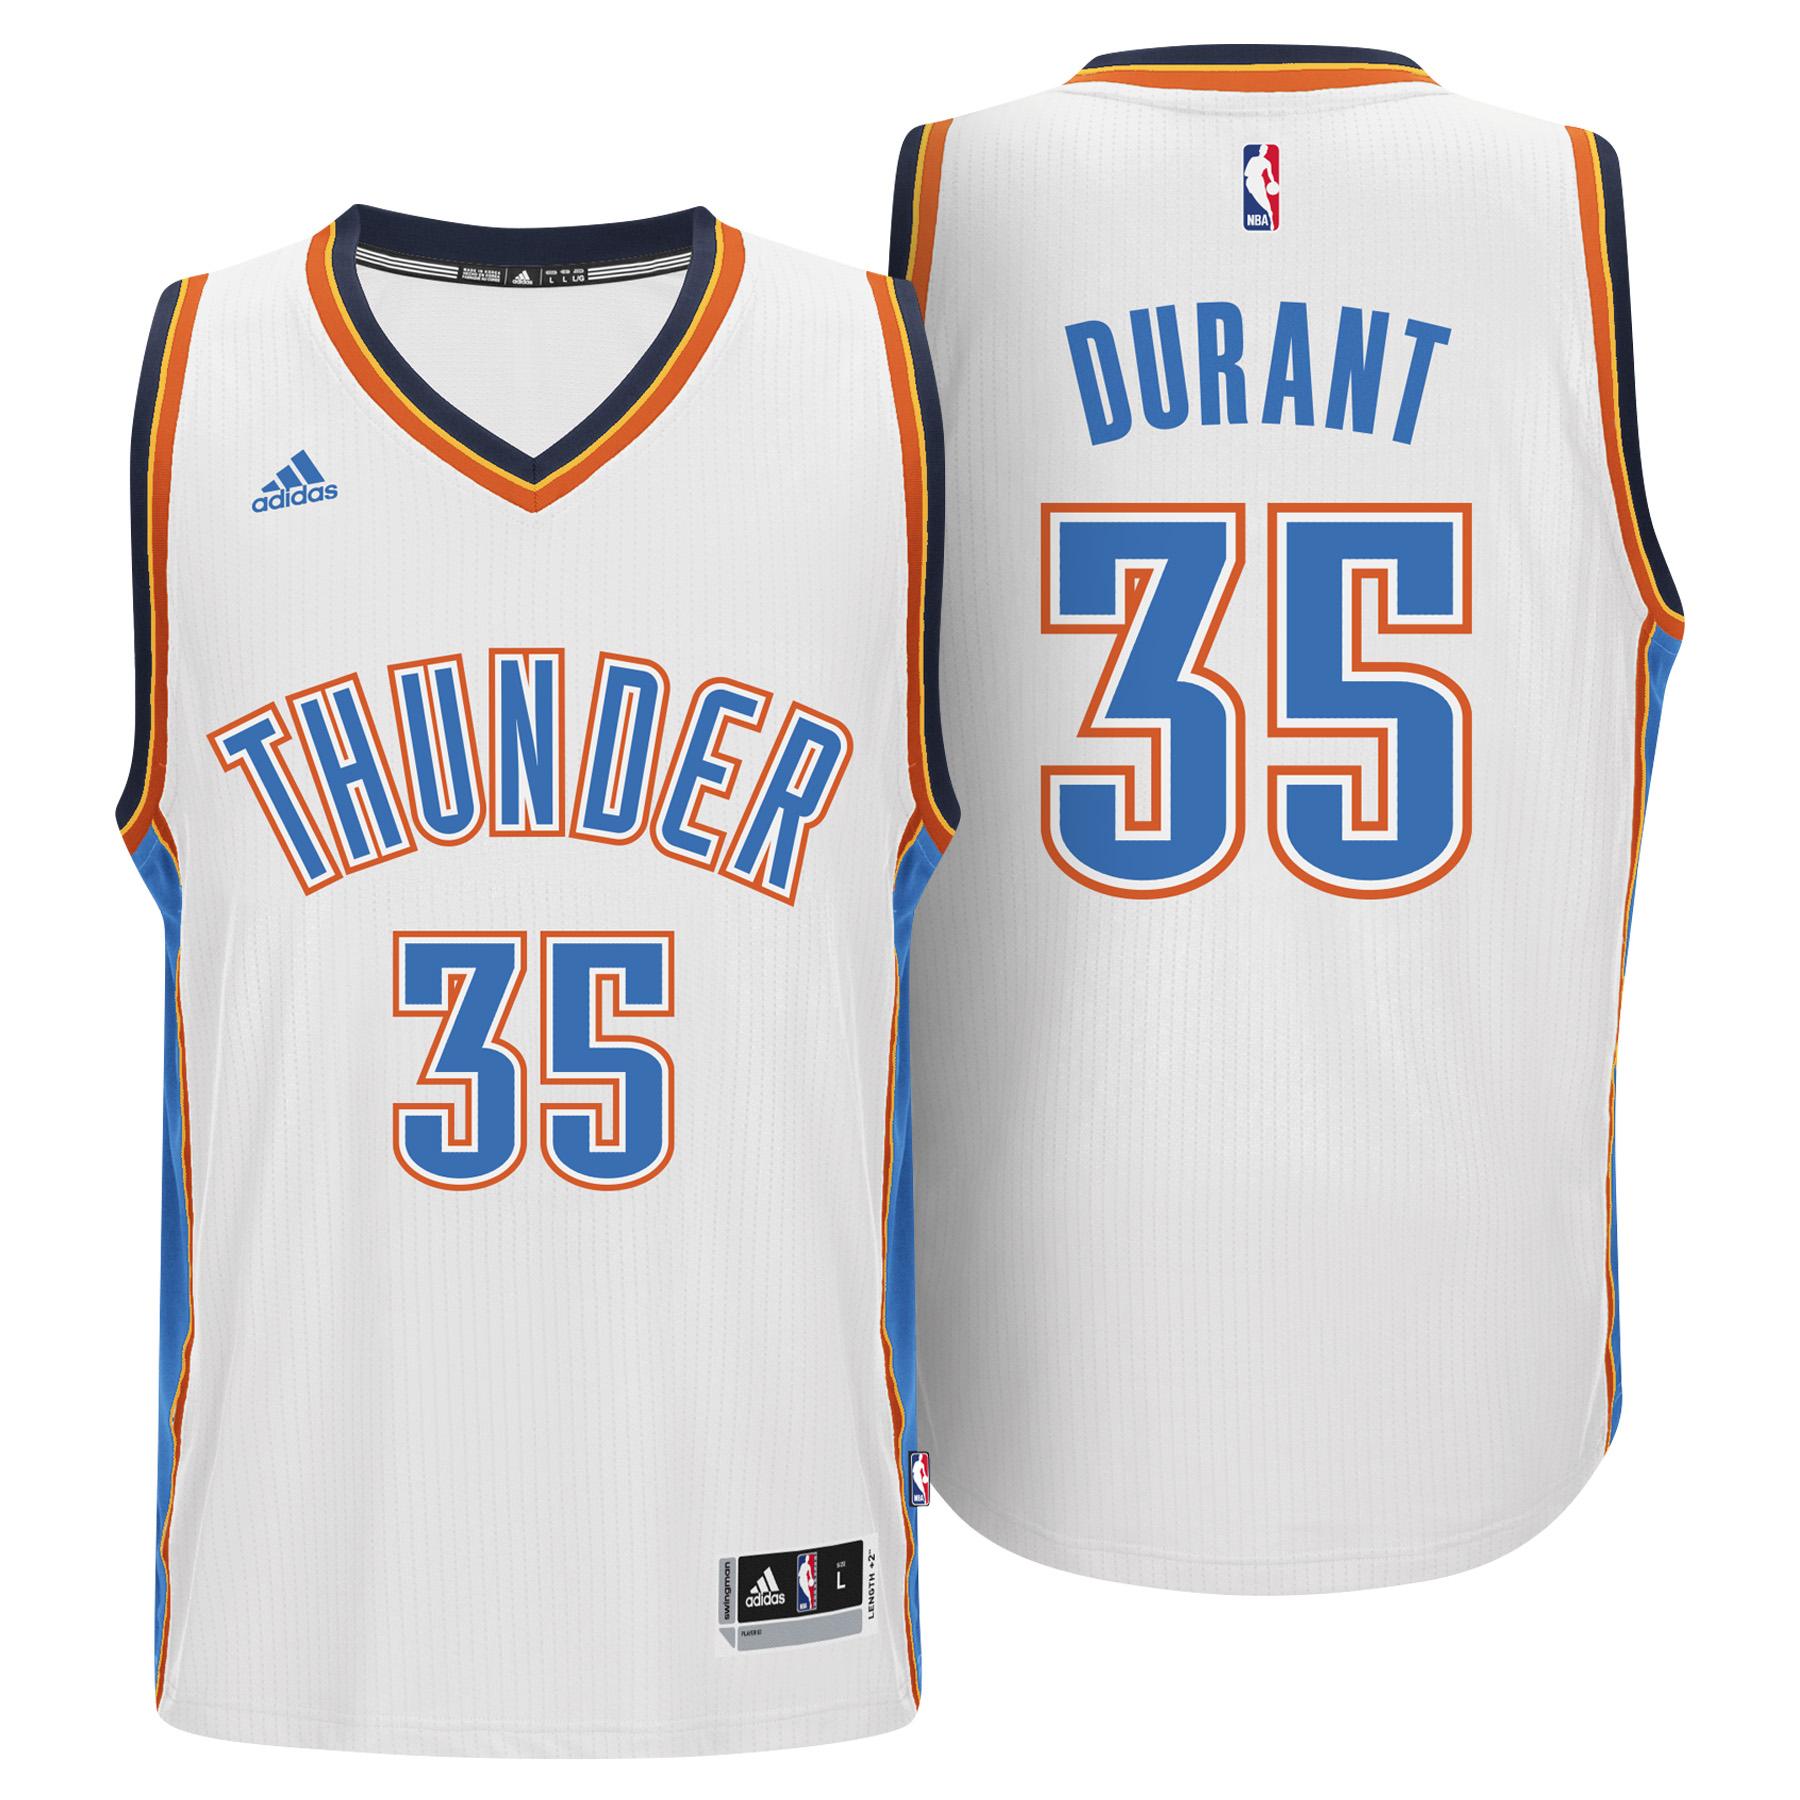 Oklahoma City Thunder Home Swingman Jersey -Kevin Durant - Mens